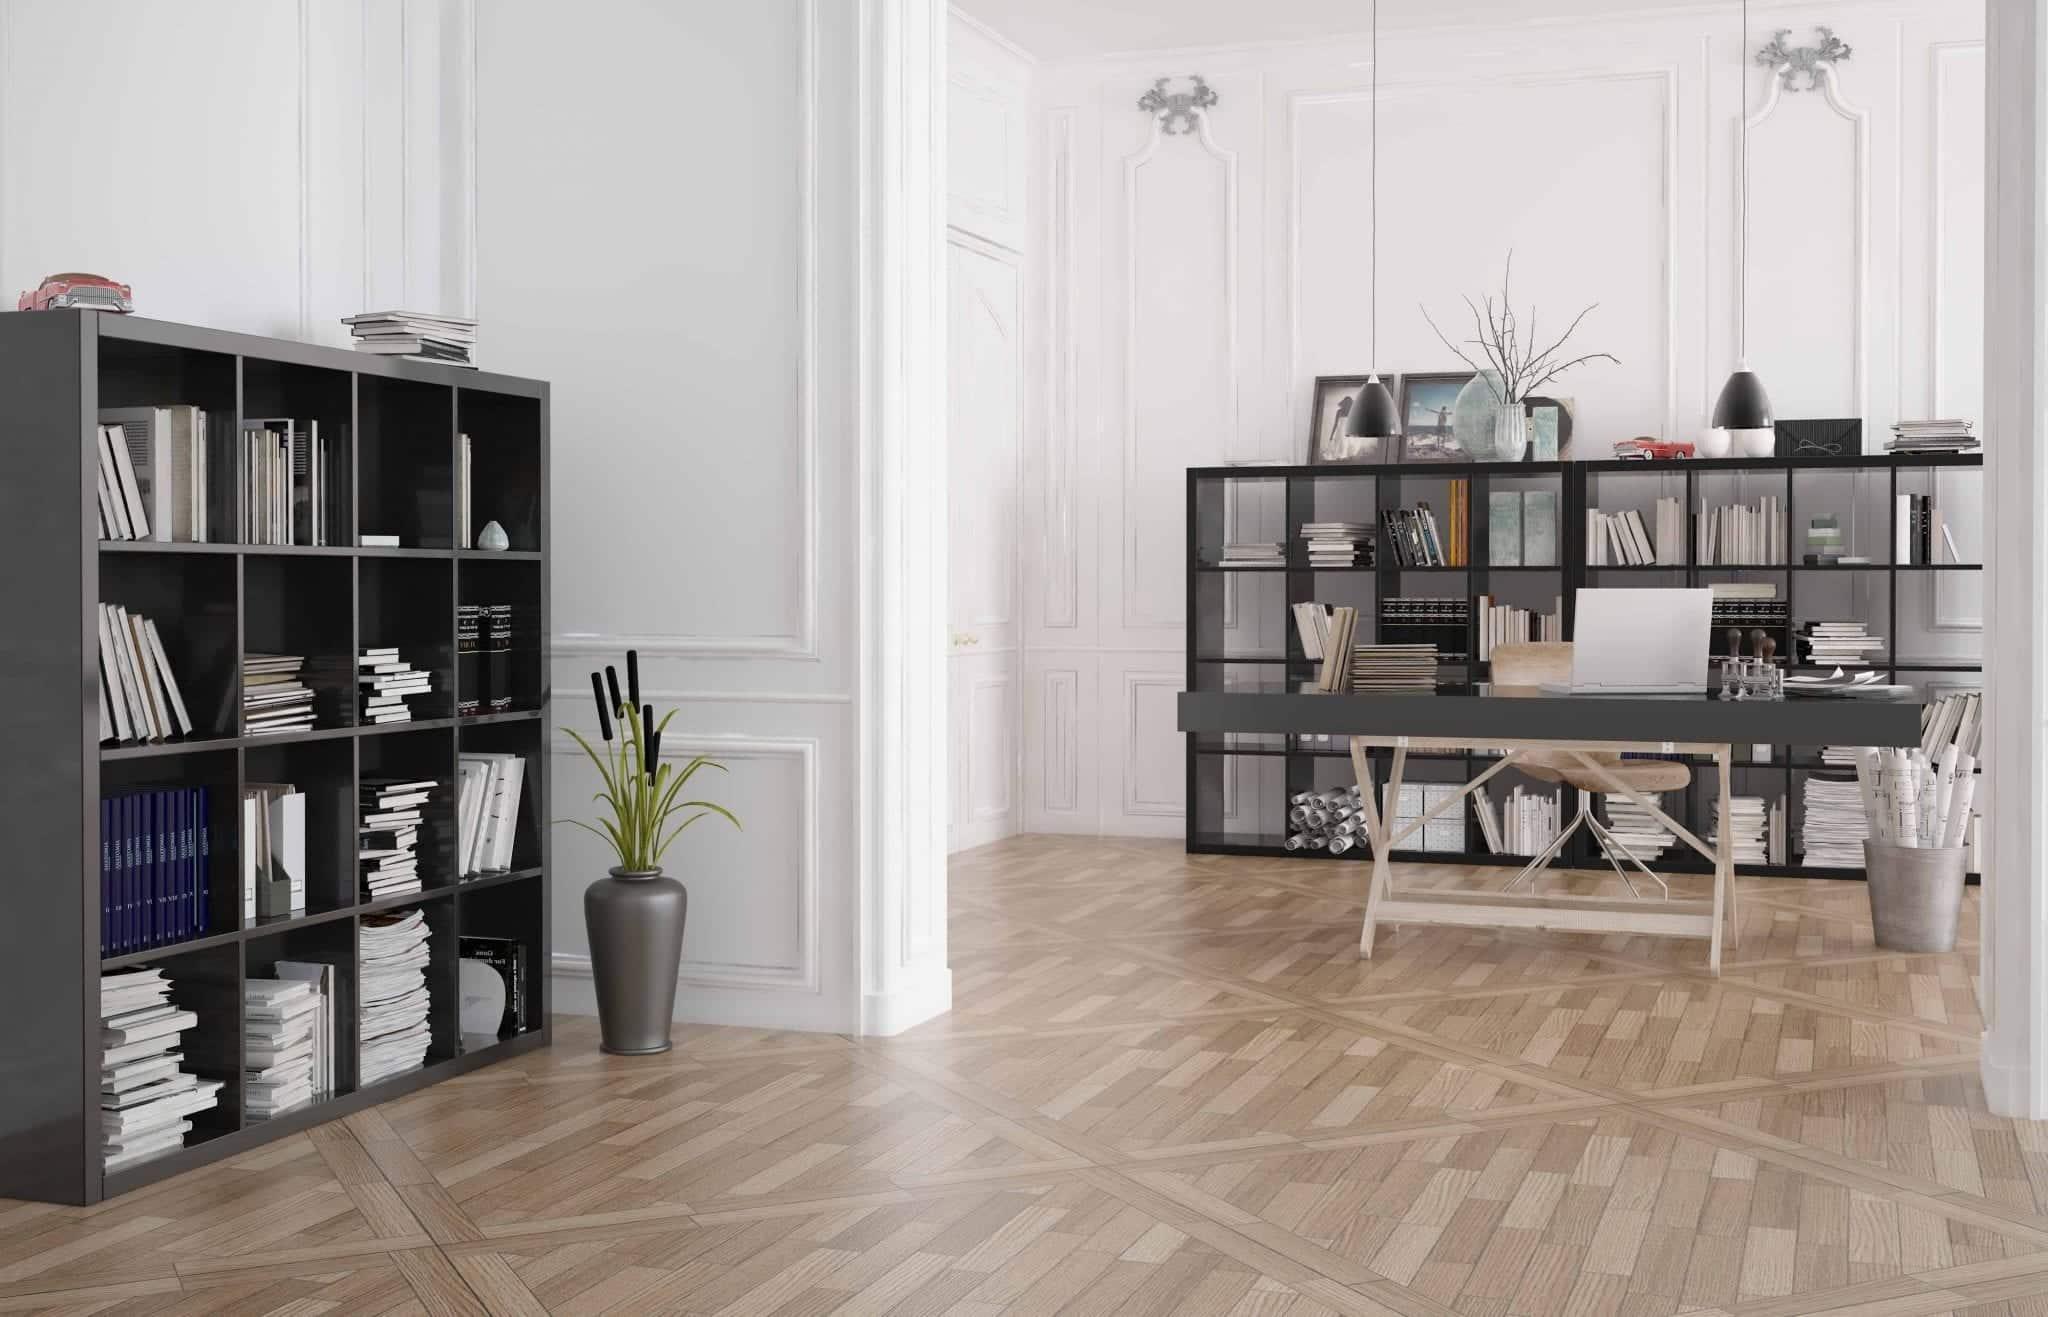 Plancher à dalle de sol Lino en pvc imitation parquet bois pour